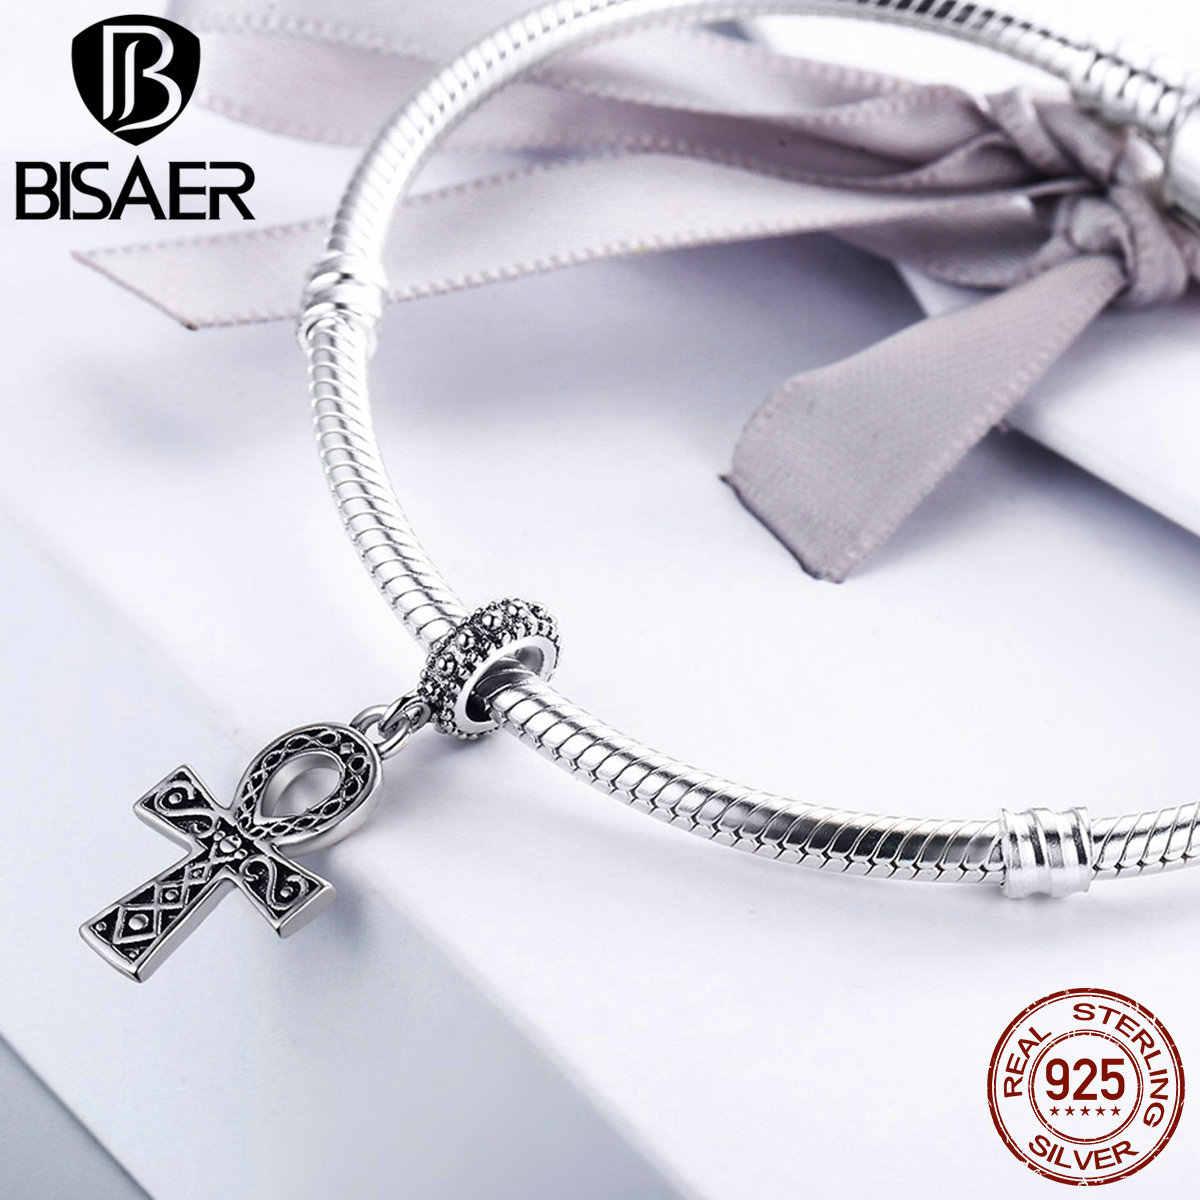 Bisaer autêntico 925 prata esterlina fé ankh cruz balançar contas caber pan original charme pulseira diy jóias finas presente